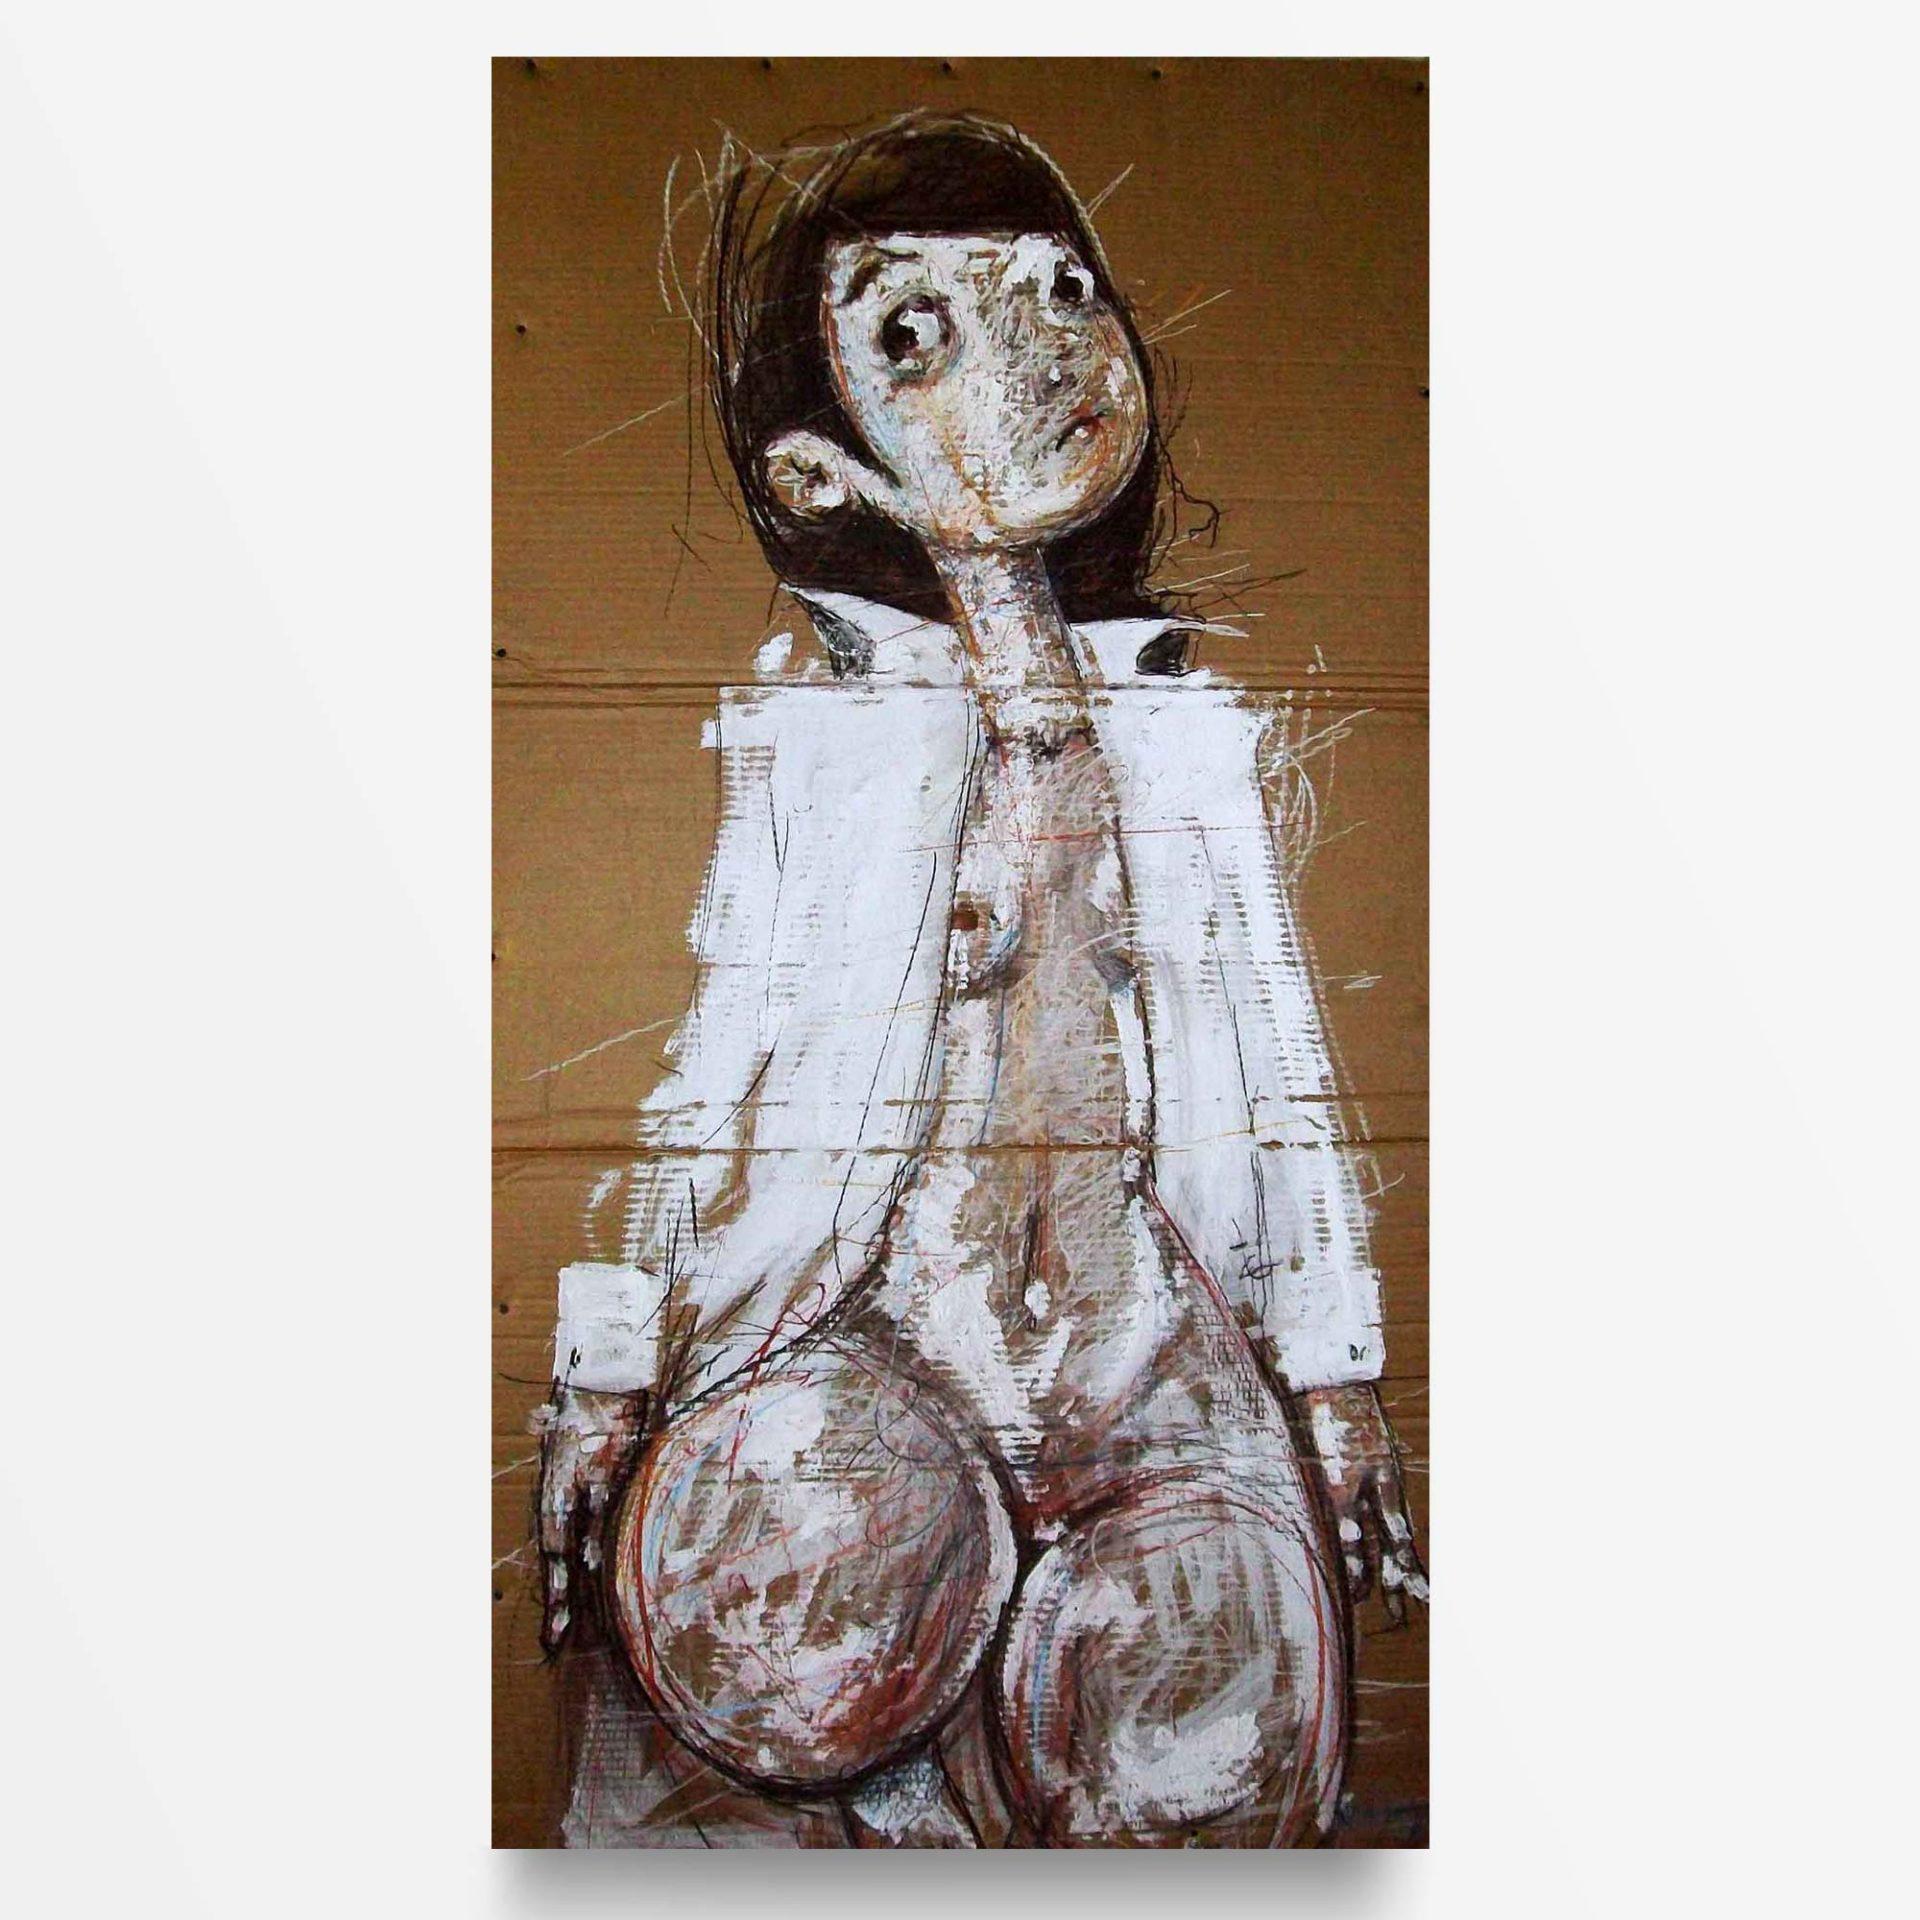 2012 Ma sono nude Camicia, quadro ad acrilico di Diego Gabriele